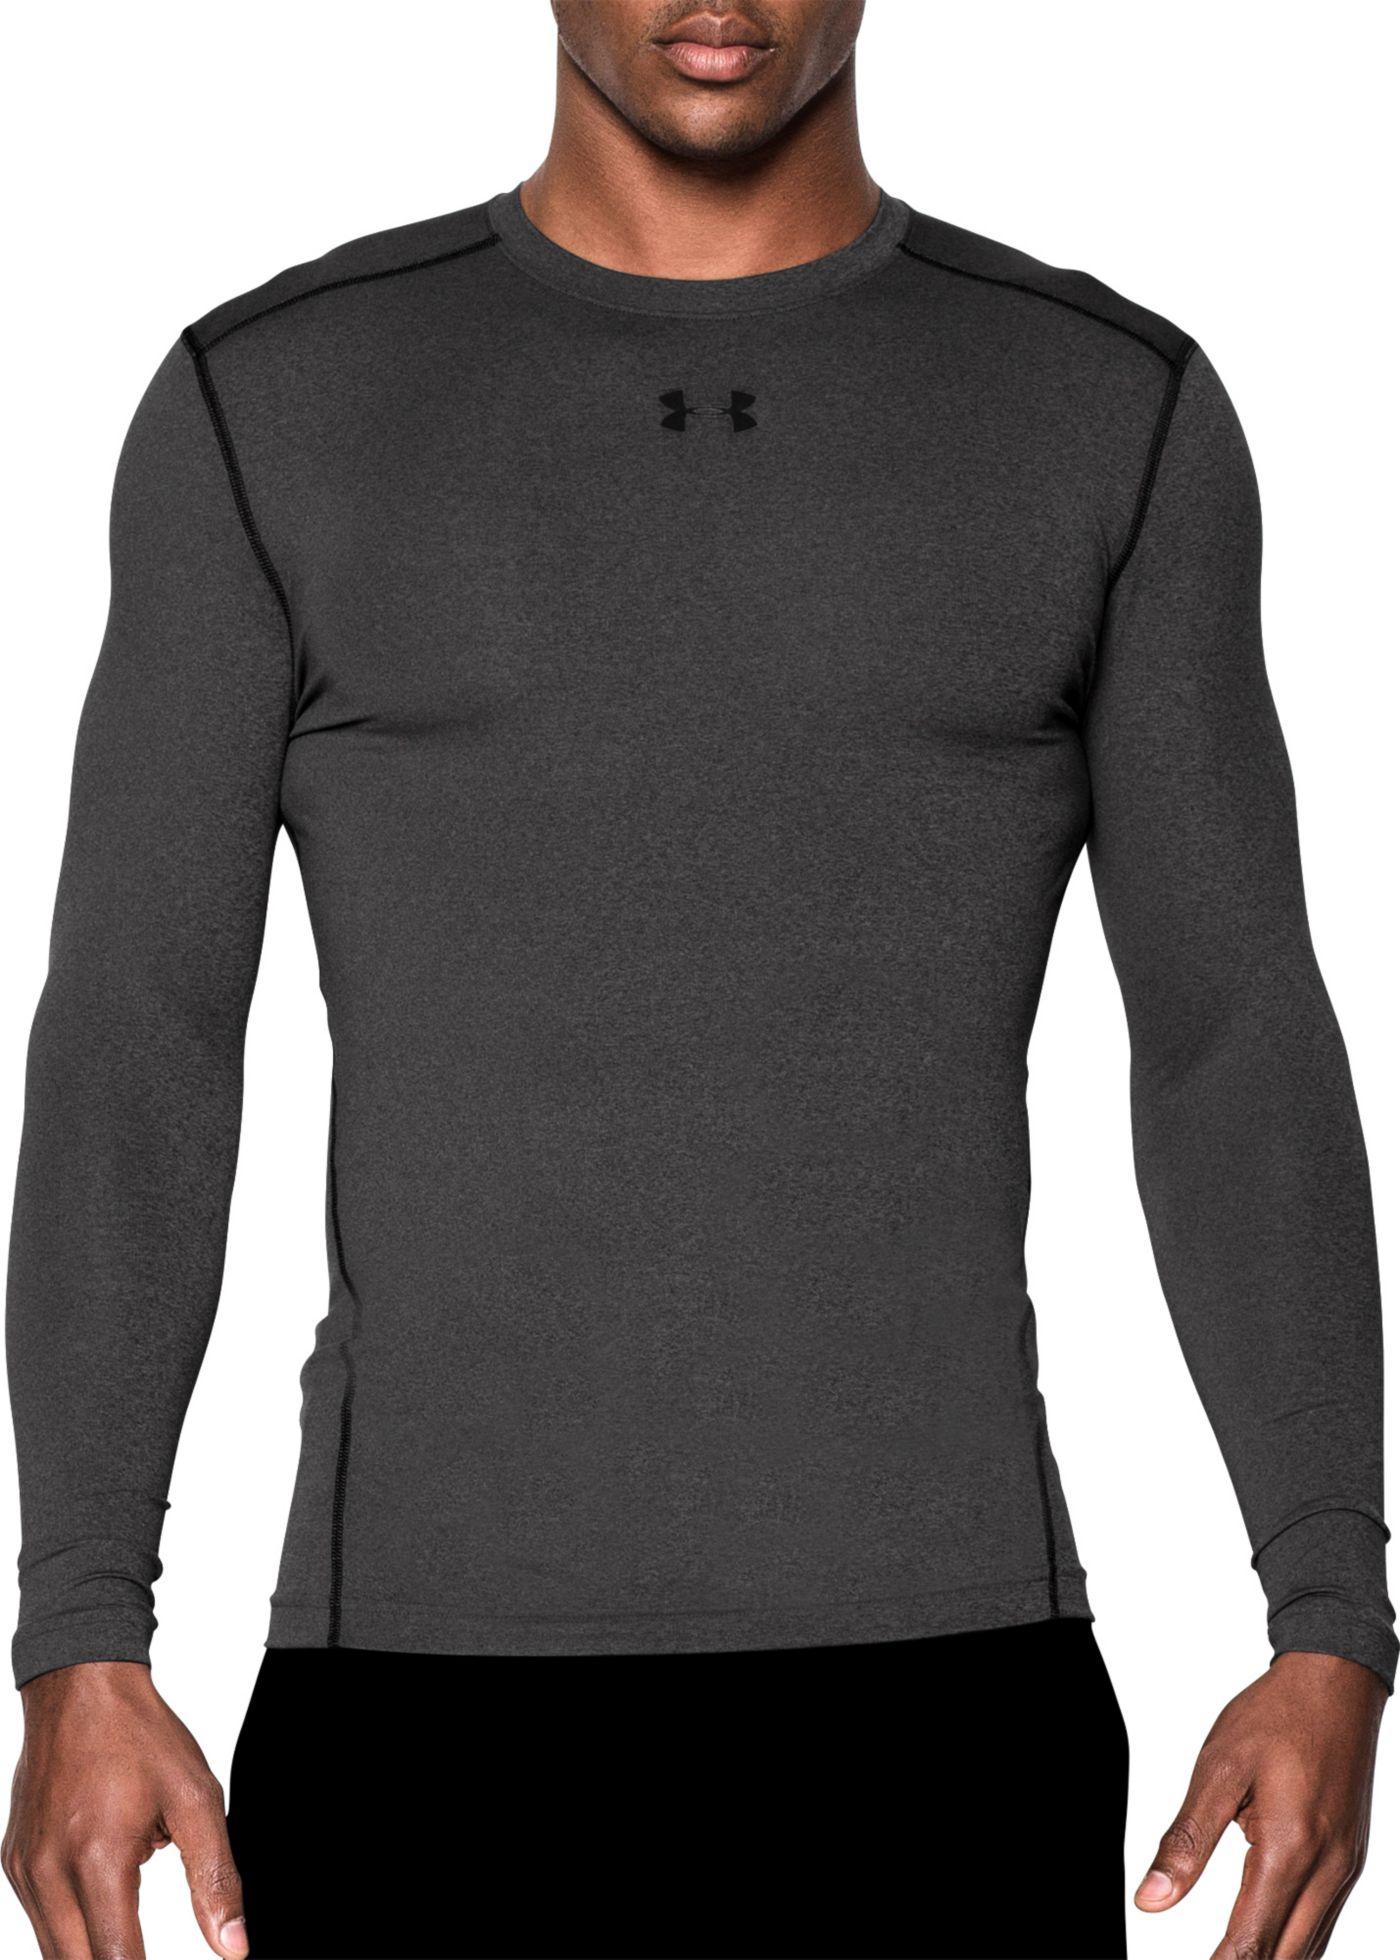 Under Armour Men's ColdGear Armour Compression Crewneck Long Sleeve Shirt